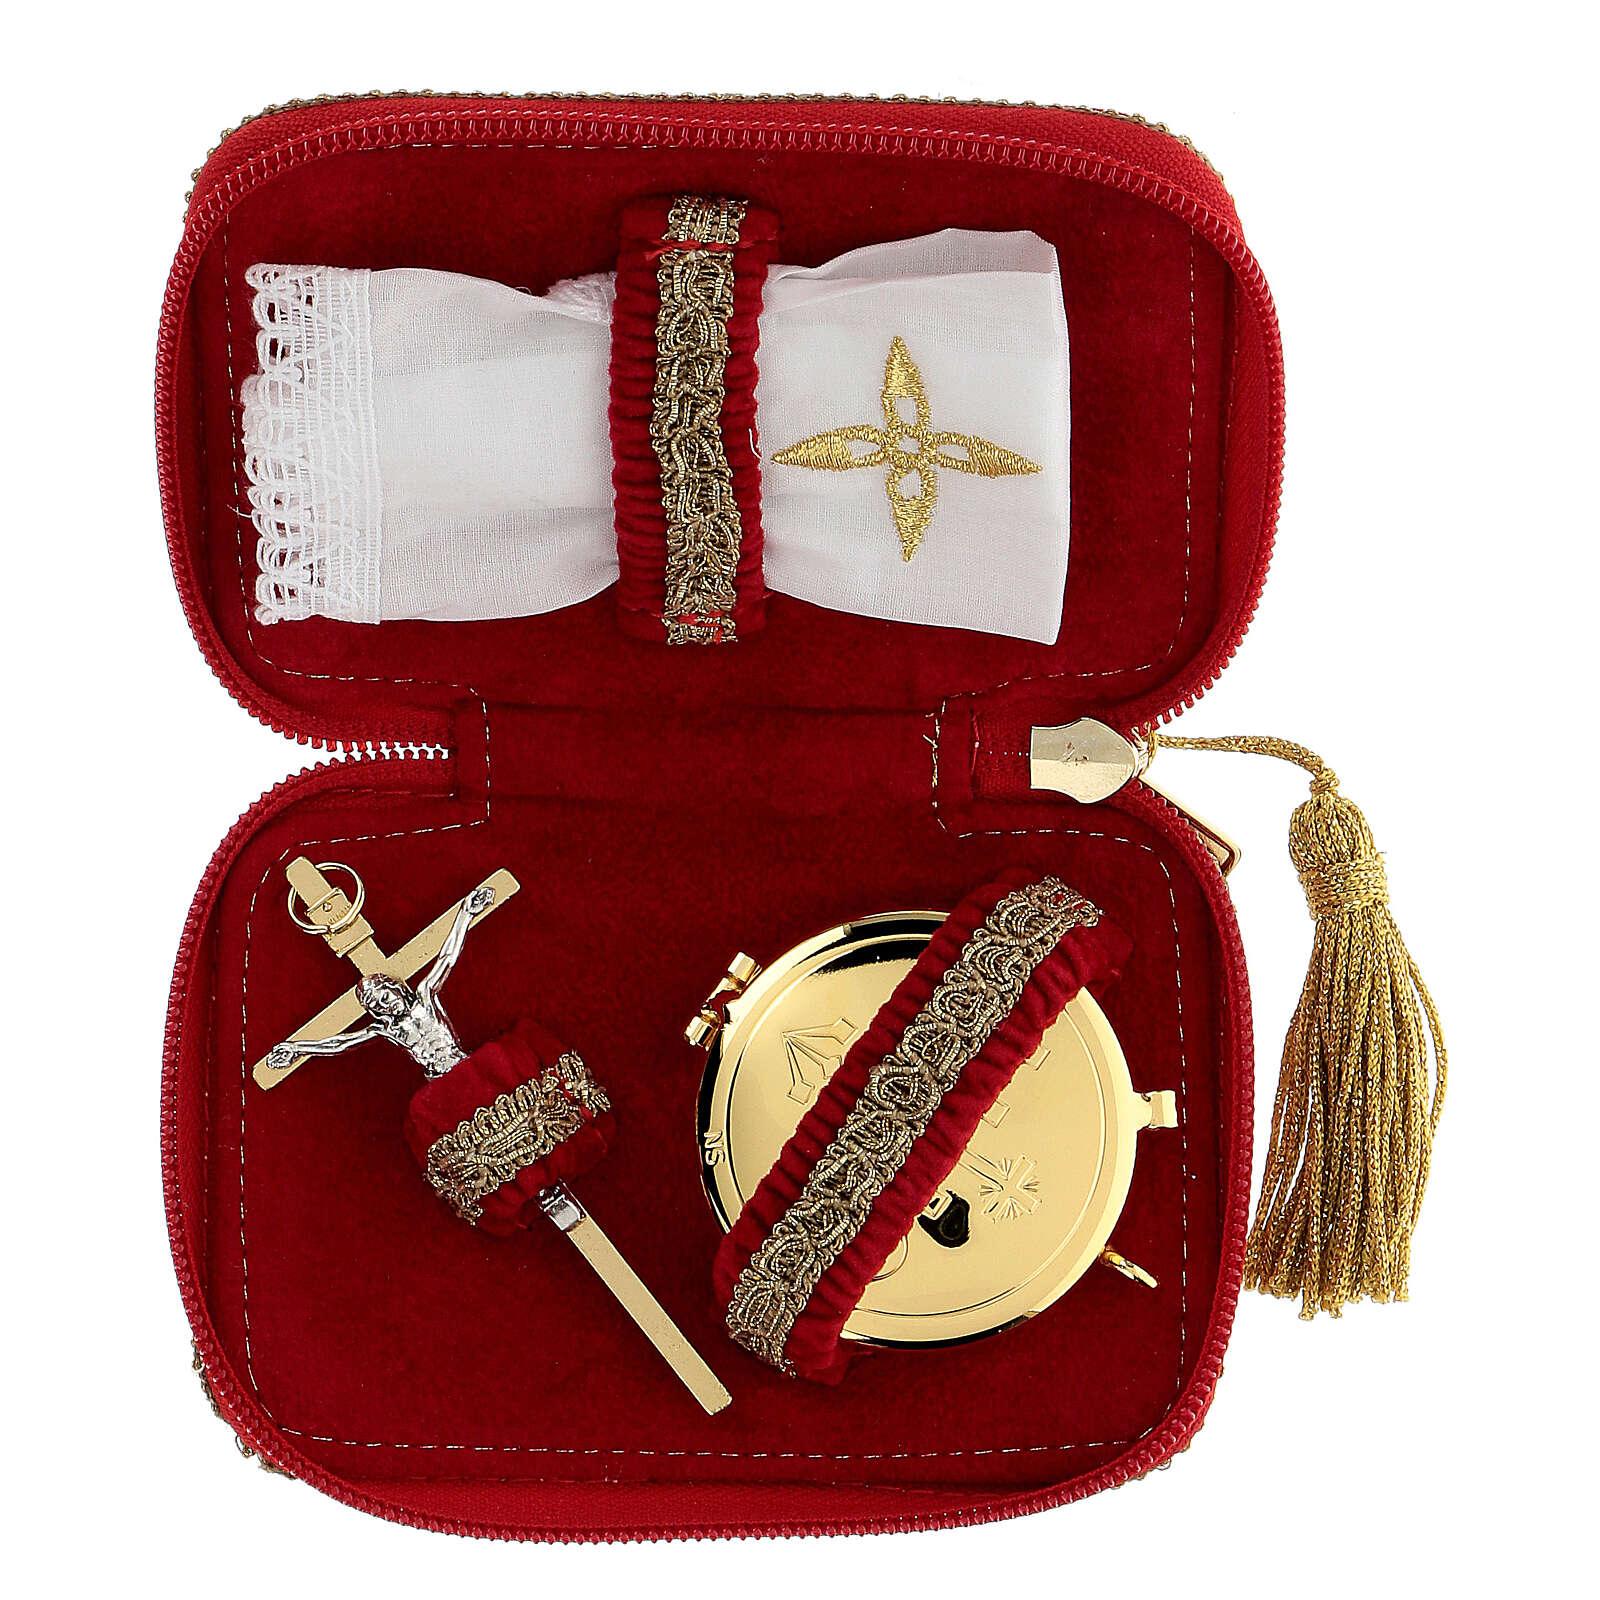 Étui pour viatique rouge en tissu croix custode diam. 5,5 cm 3